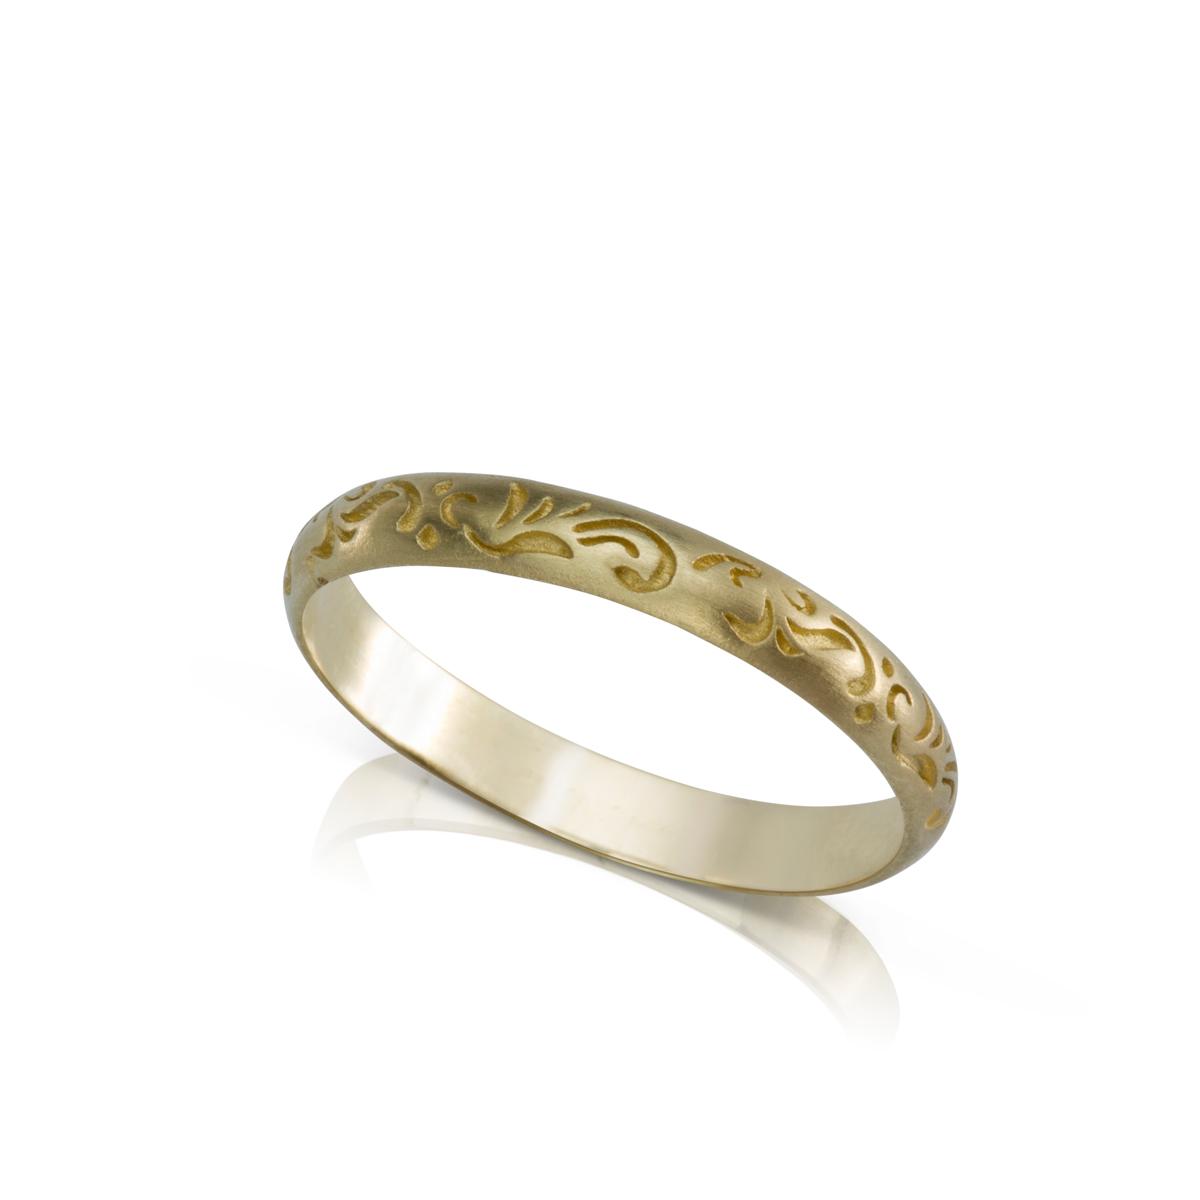 טבעת זהב עם חריטת פרחים אורינטלית